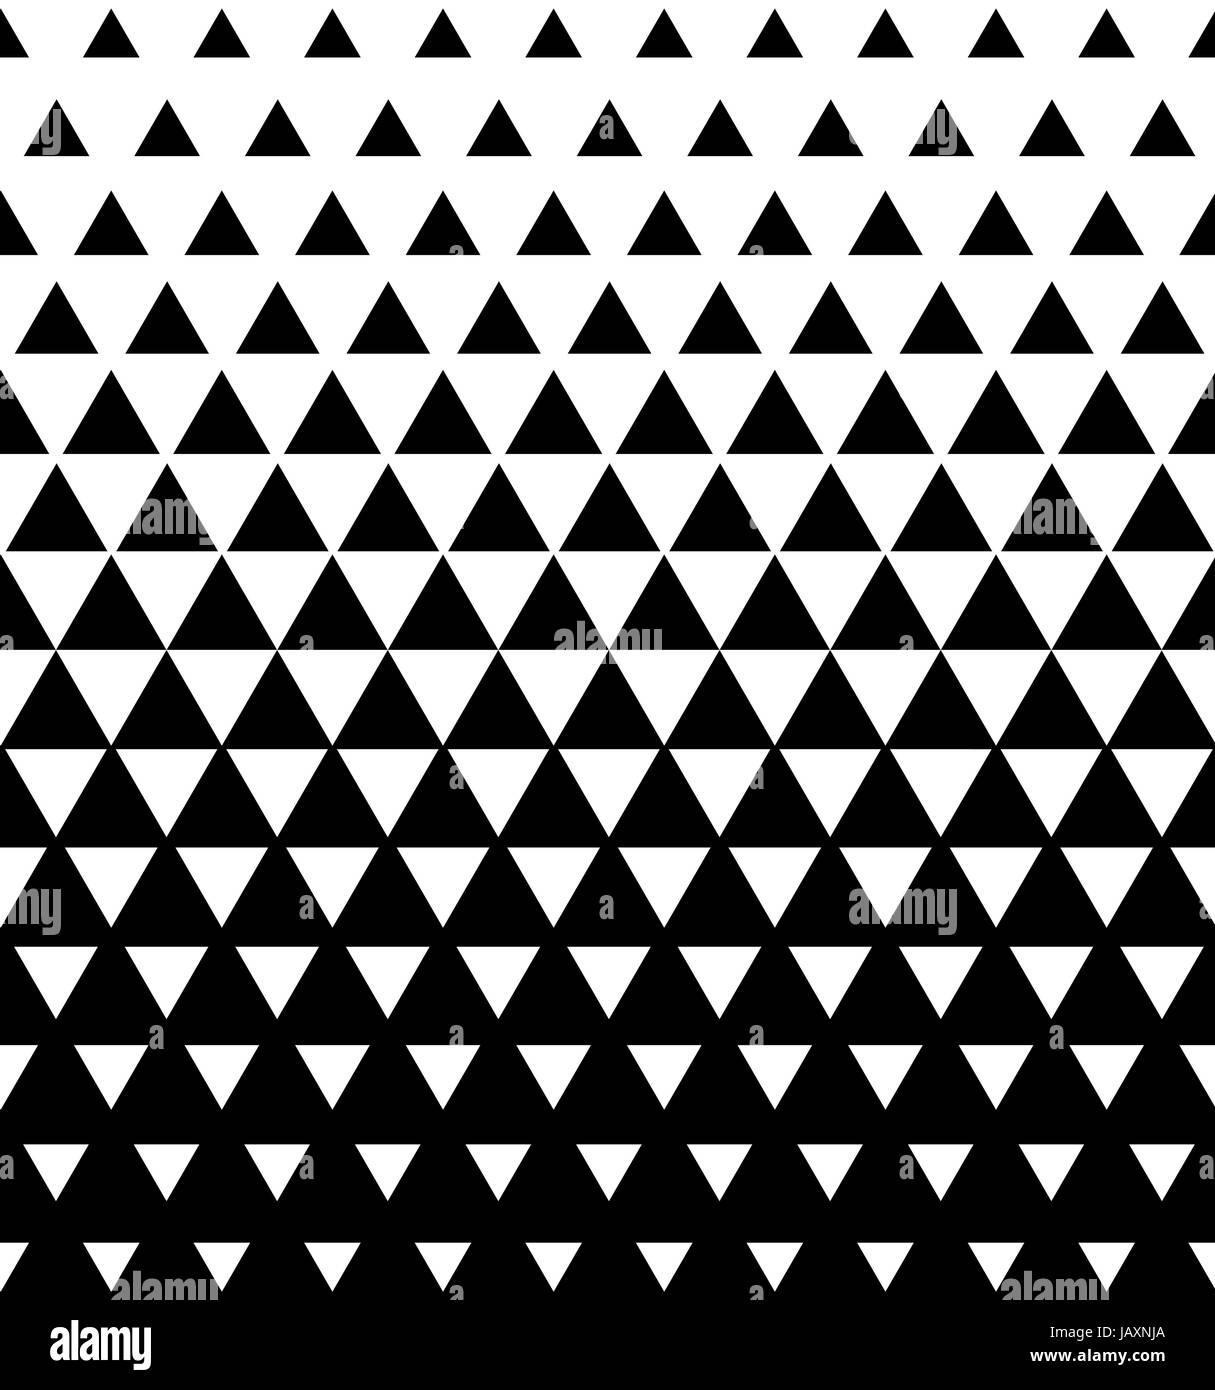 Modele Triangulaire De Demi Ton Scenario Transition Resume Modele